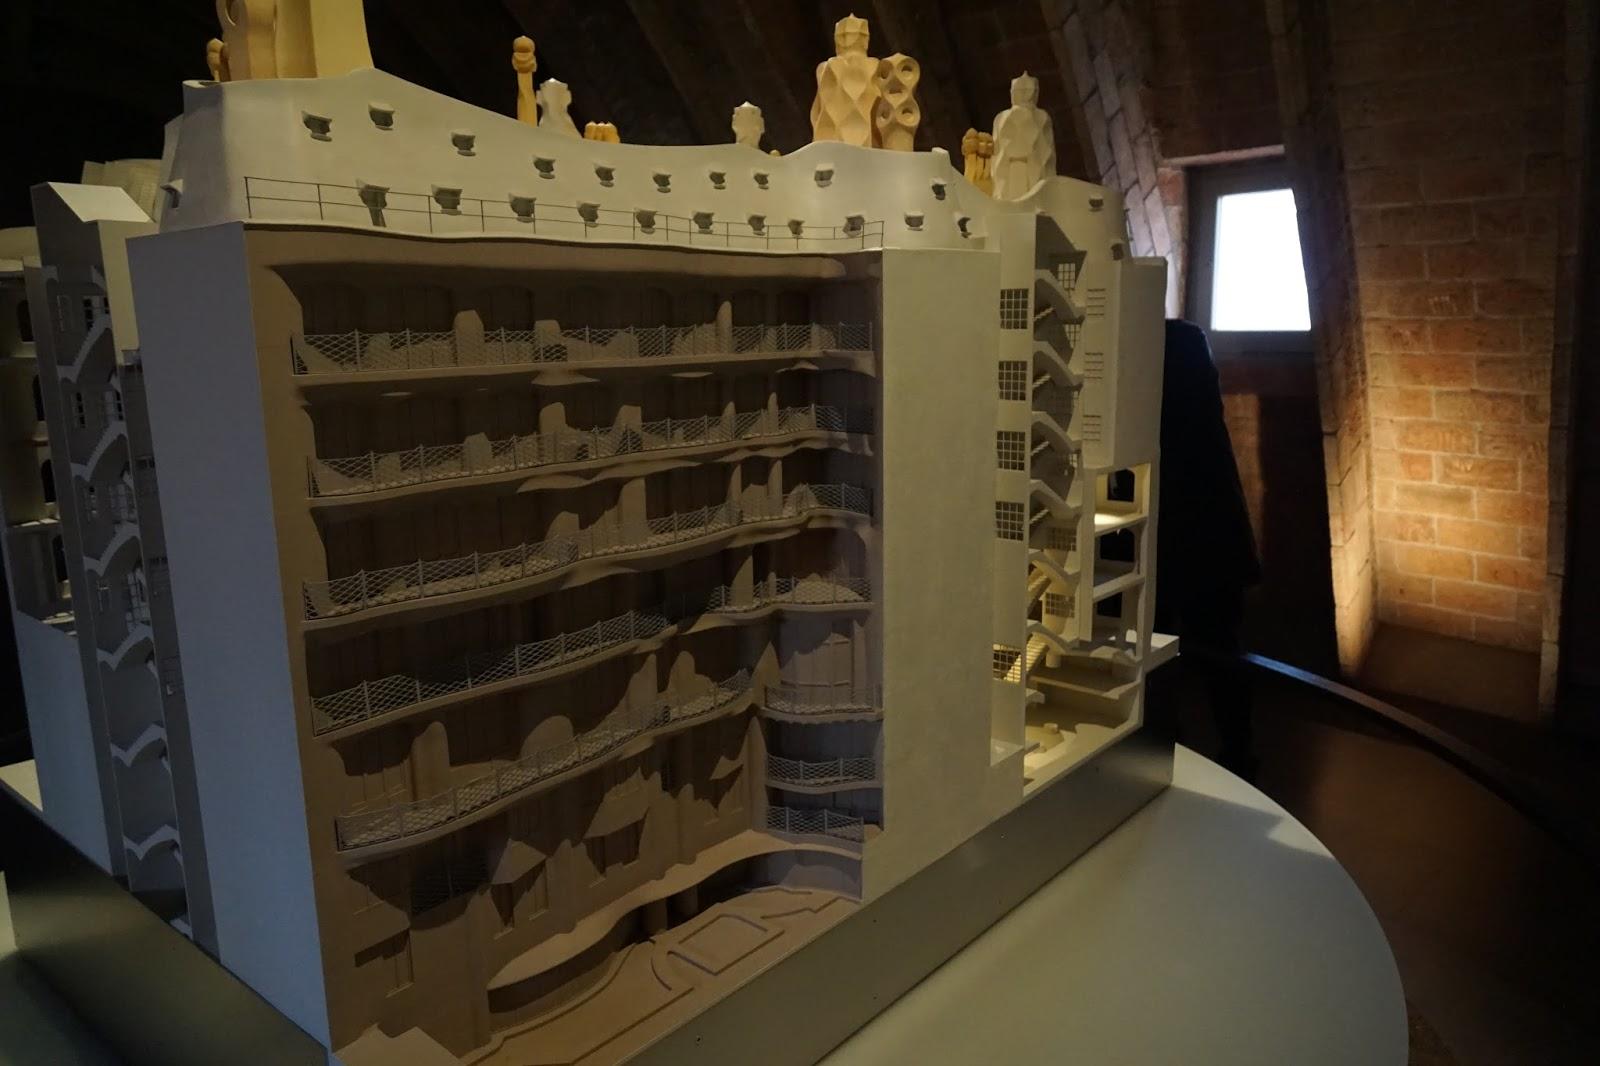 カサ・ミラ(Casa Milà)の模型(裏)